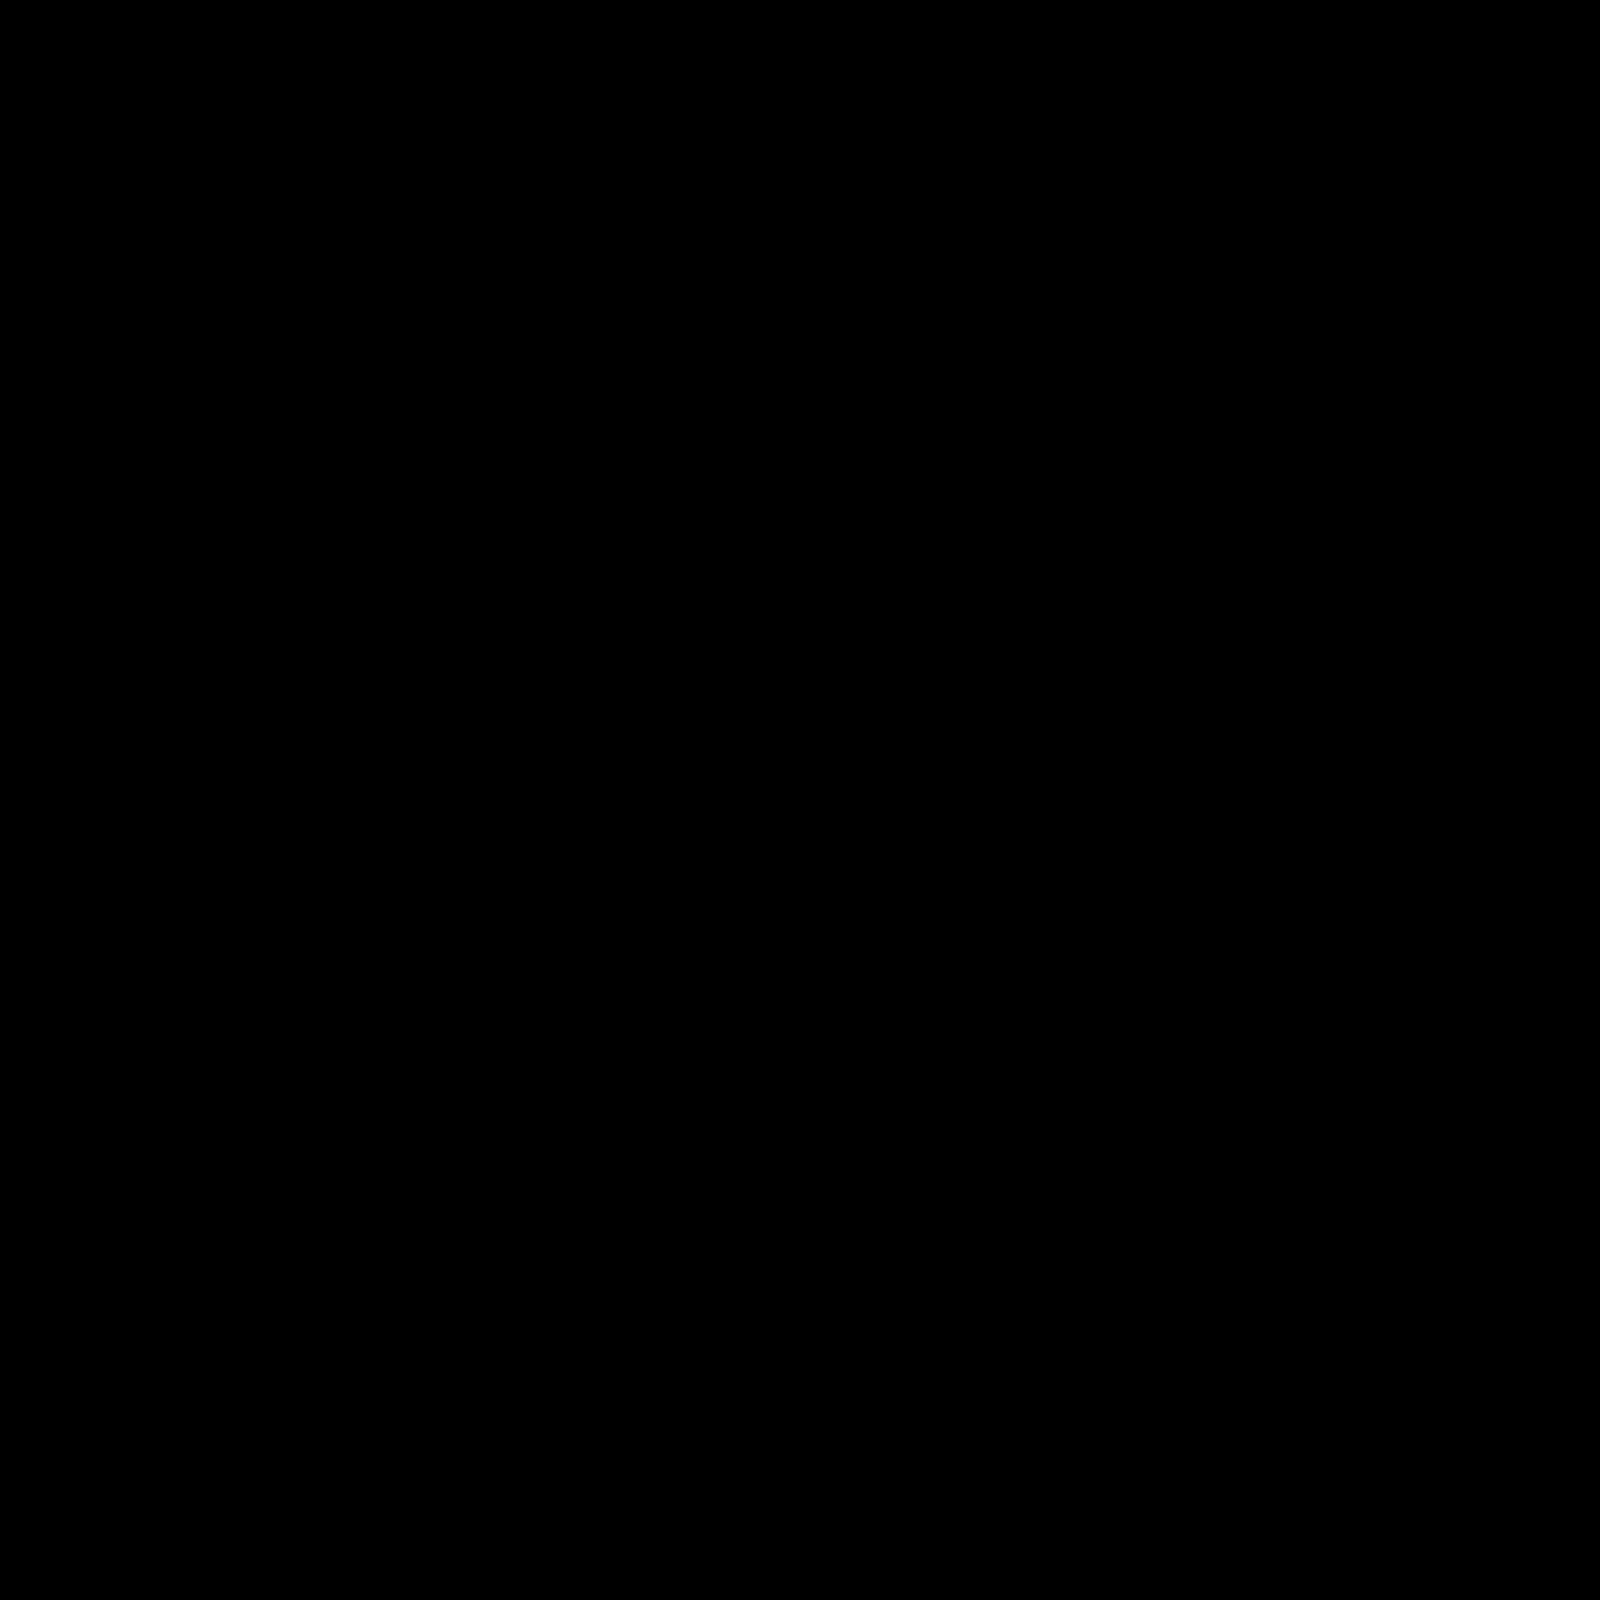 Żarówka Edisona icon. It's a logo of Edison Bulb reduced to an image of a basic light bulb. It looks like an ordinary light bulb but has a classic look to it. The Edison Bulb is one of the first bulbs created.